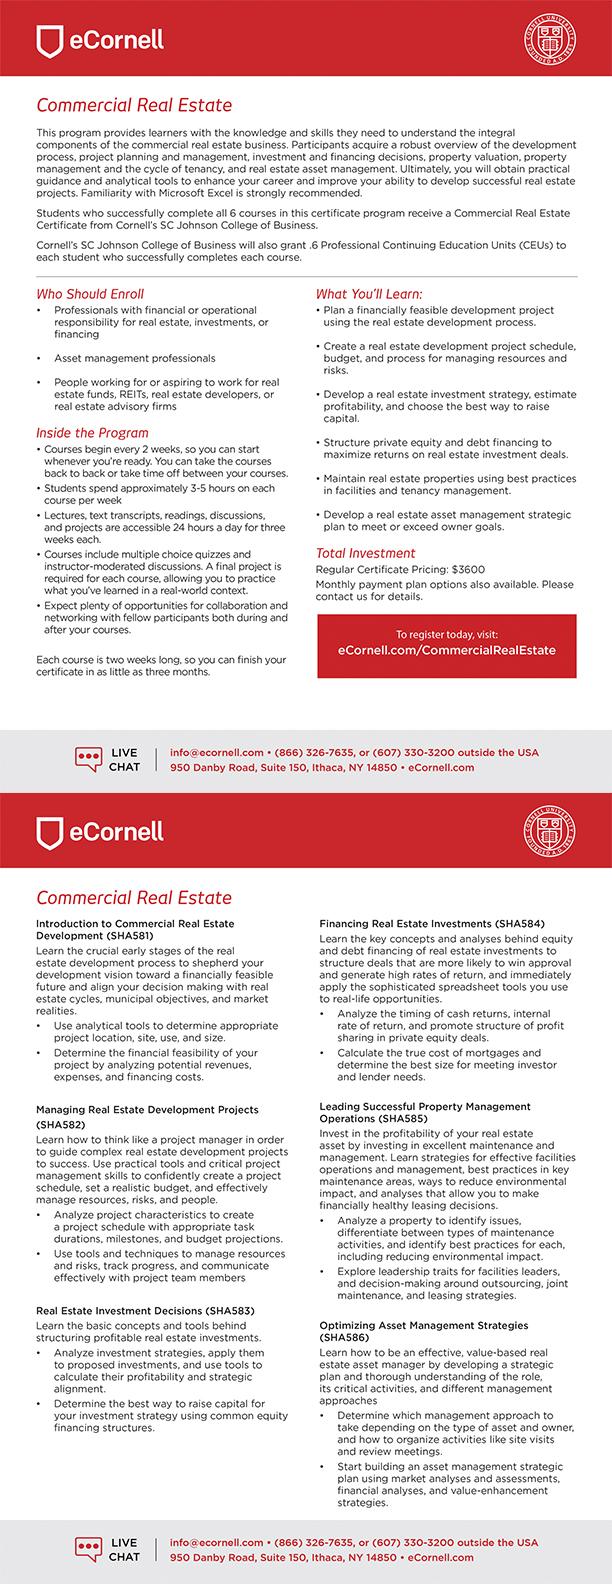 Commercial Real Estate Flyer